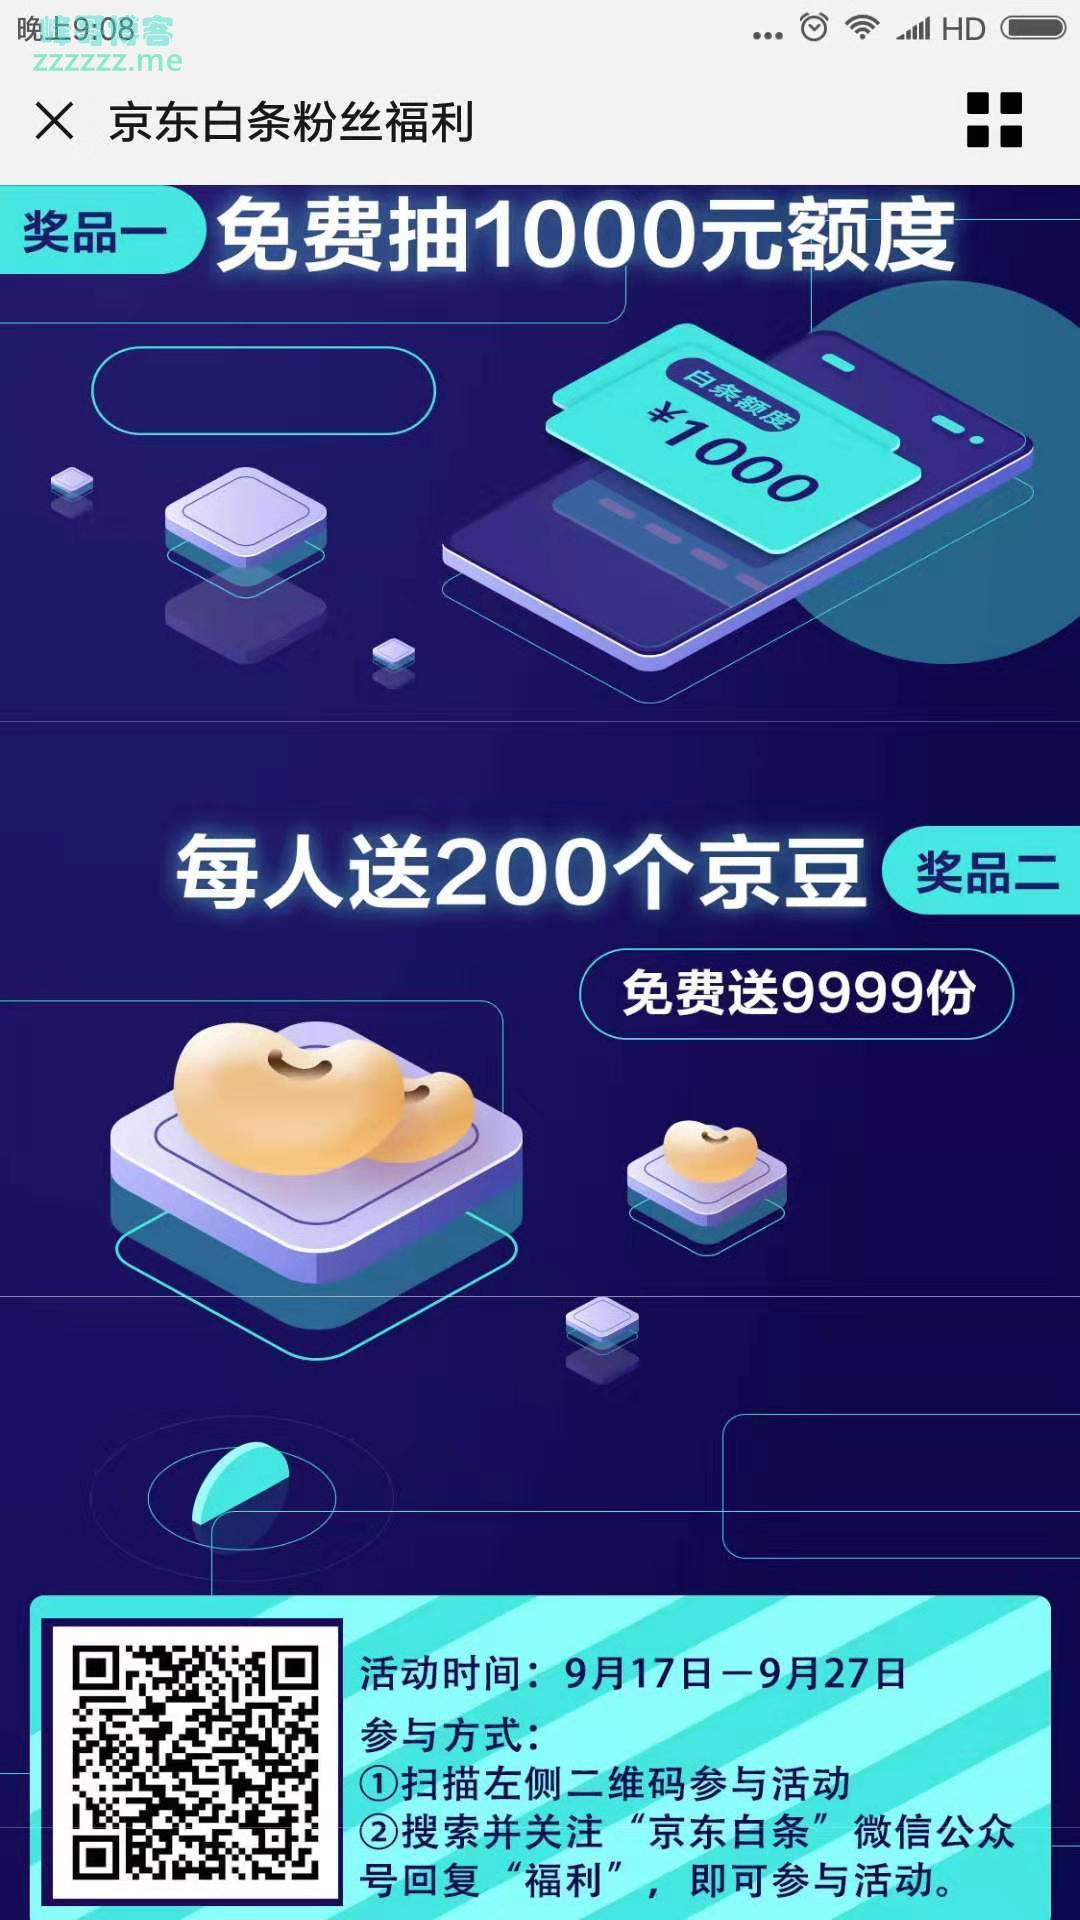 京东白条免费领200万个京豆(截止9月27日)